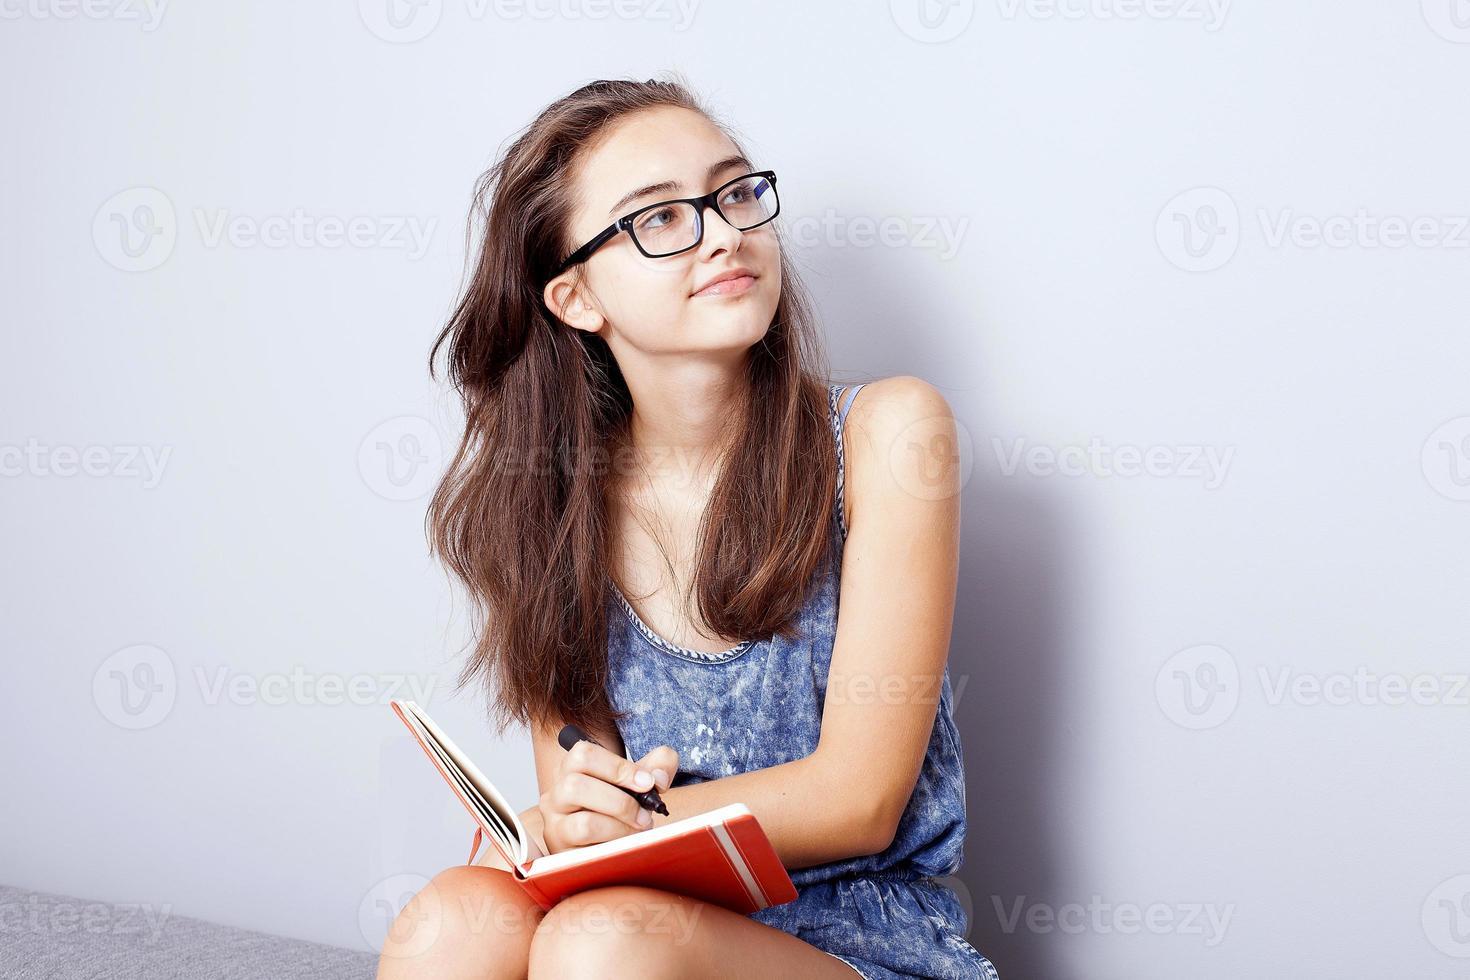 adolescente fait ses devoirs. photo